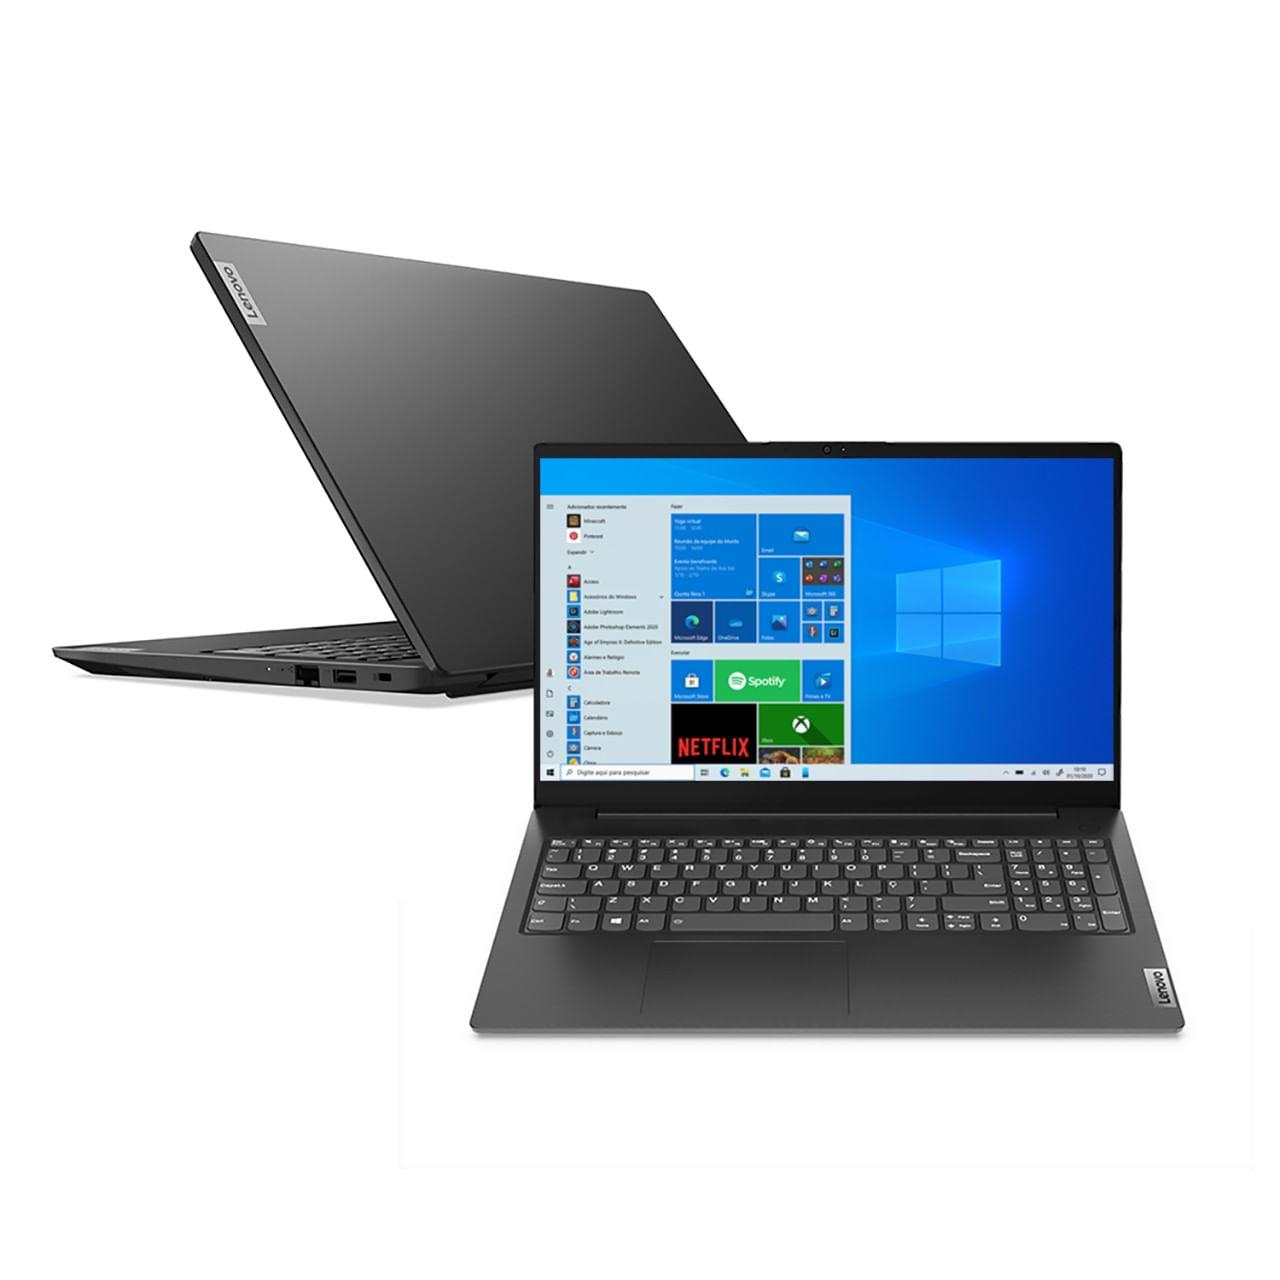 Imagem de Notebook Lenovo V15 I5-1135g7 8GB 256GB Ssd Windows 10 Pro 15.6